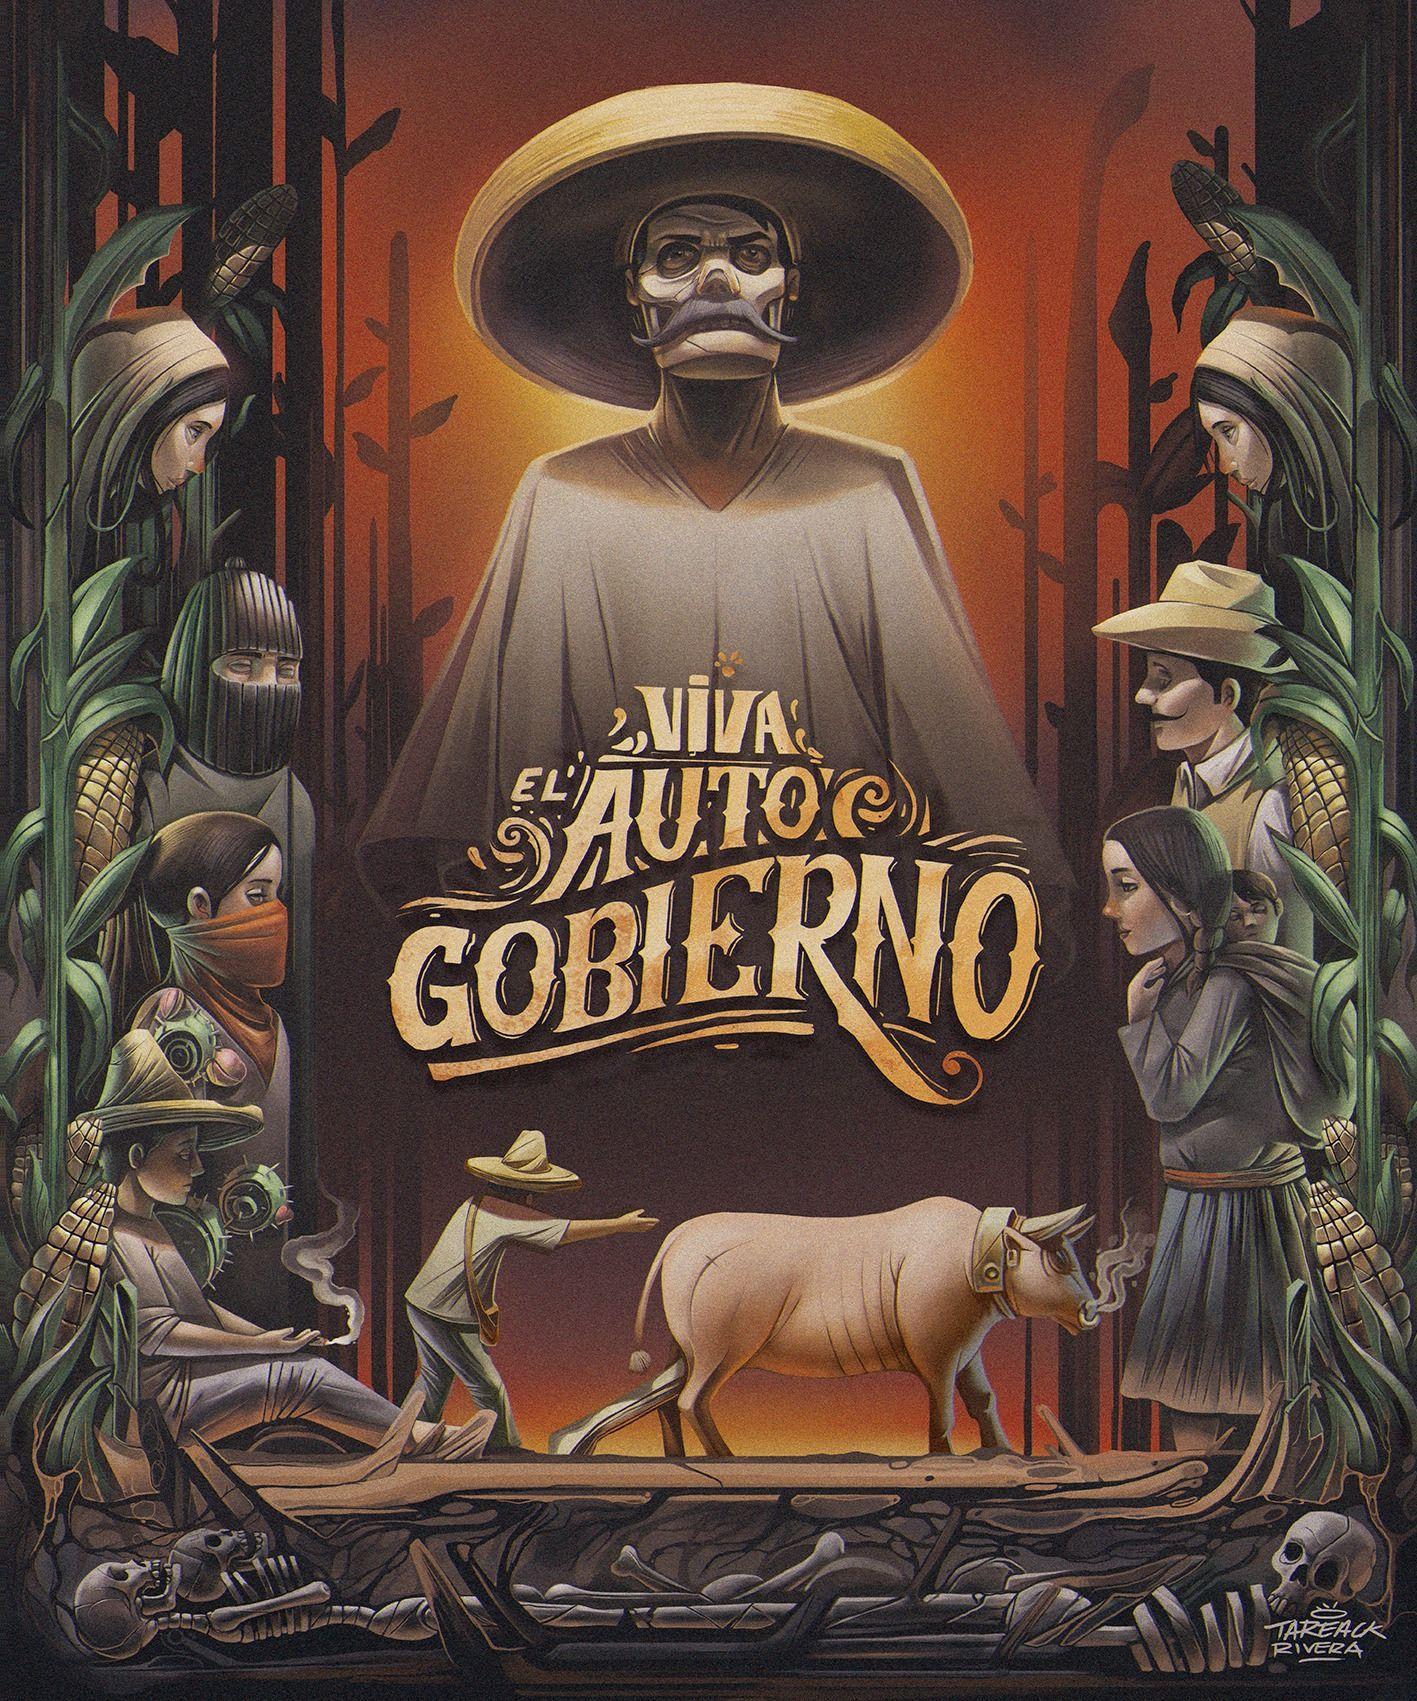 Tareack Rivera Defiende Sus Raíces Blog De Diseño Gráfico Y Creatividad Diseño Gráfico Mexicano Arte Latino Chicano Dibujos